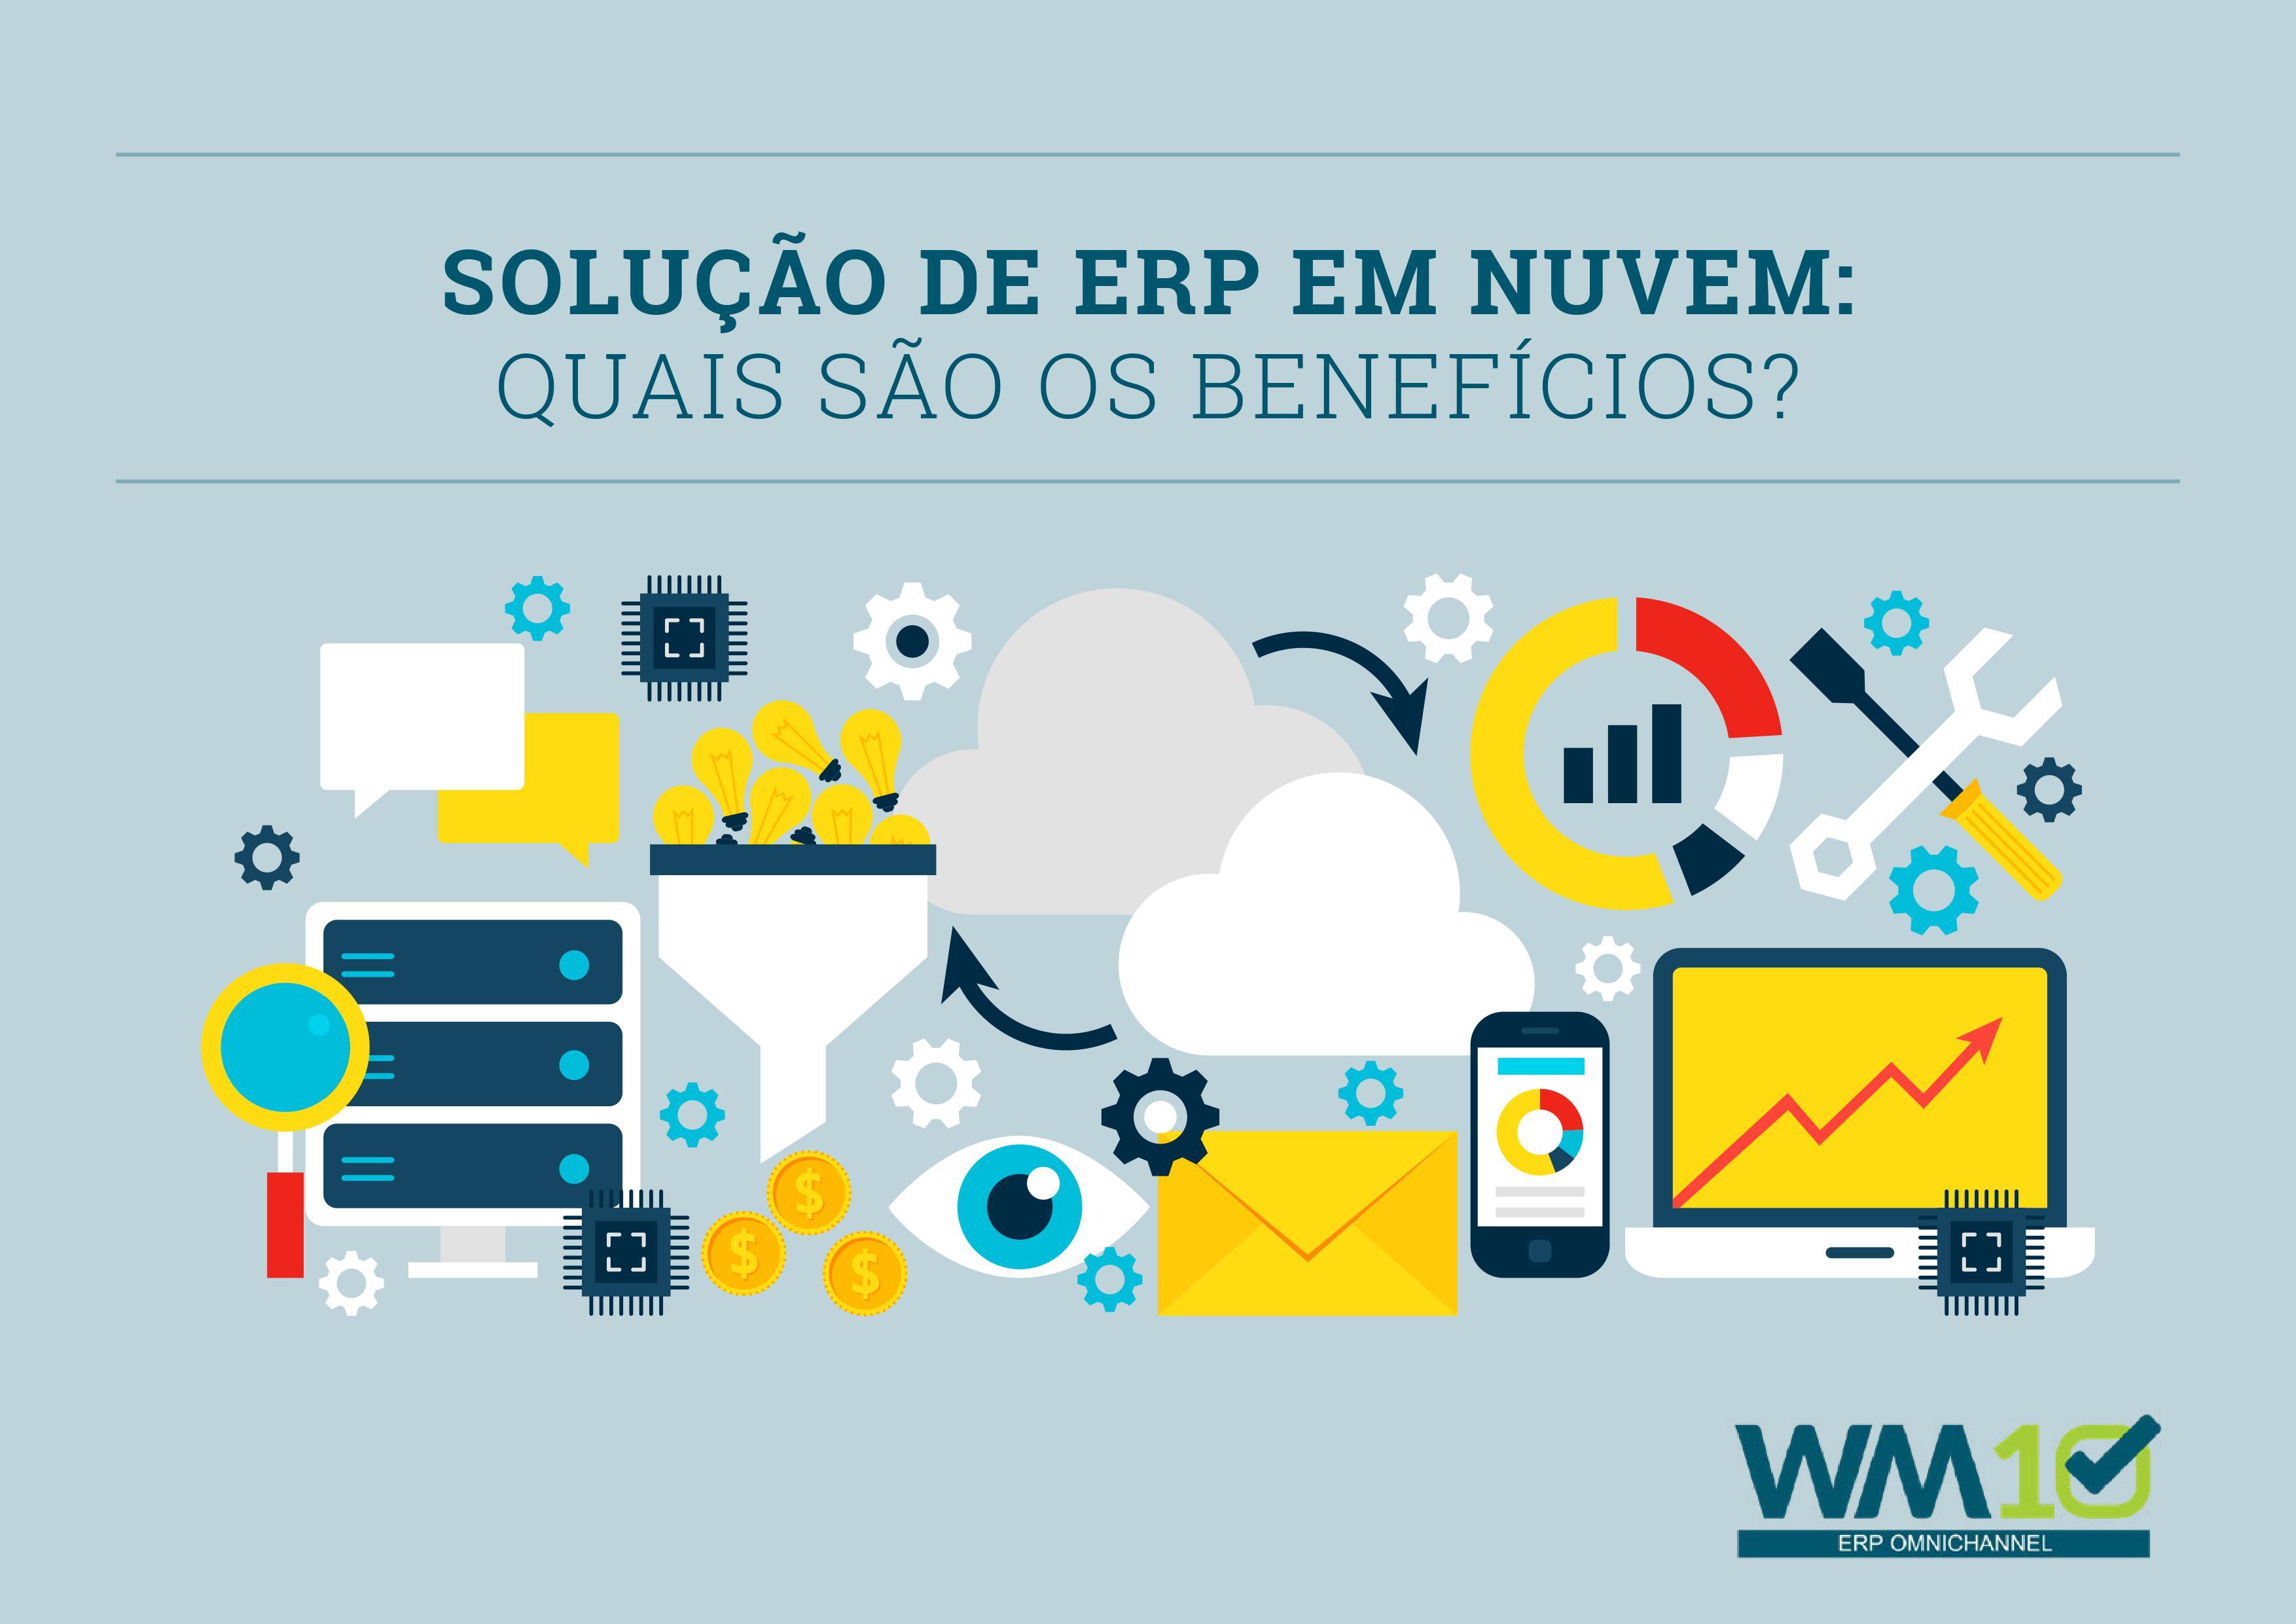 E-book ERP em nuvem